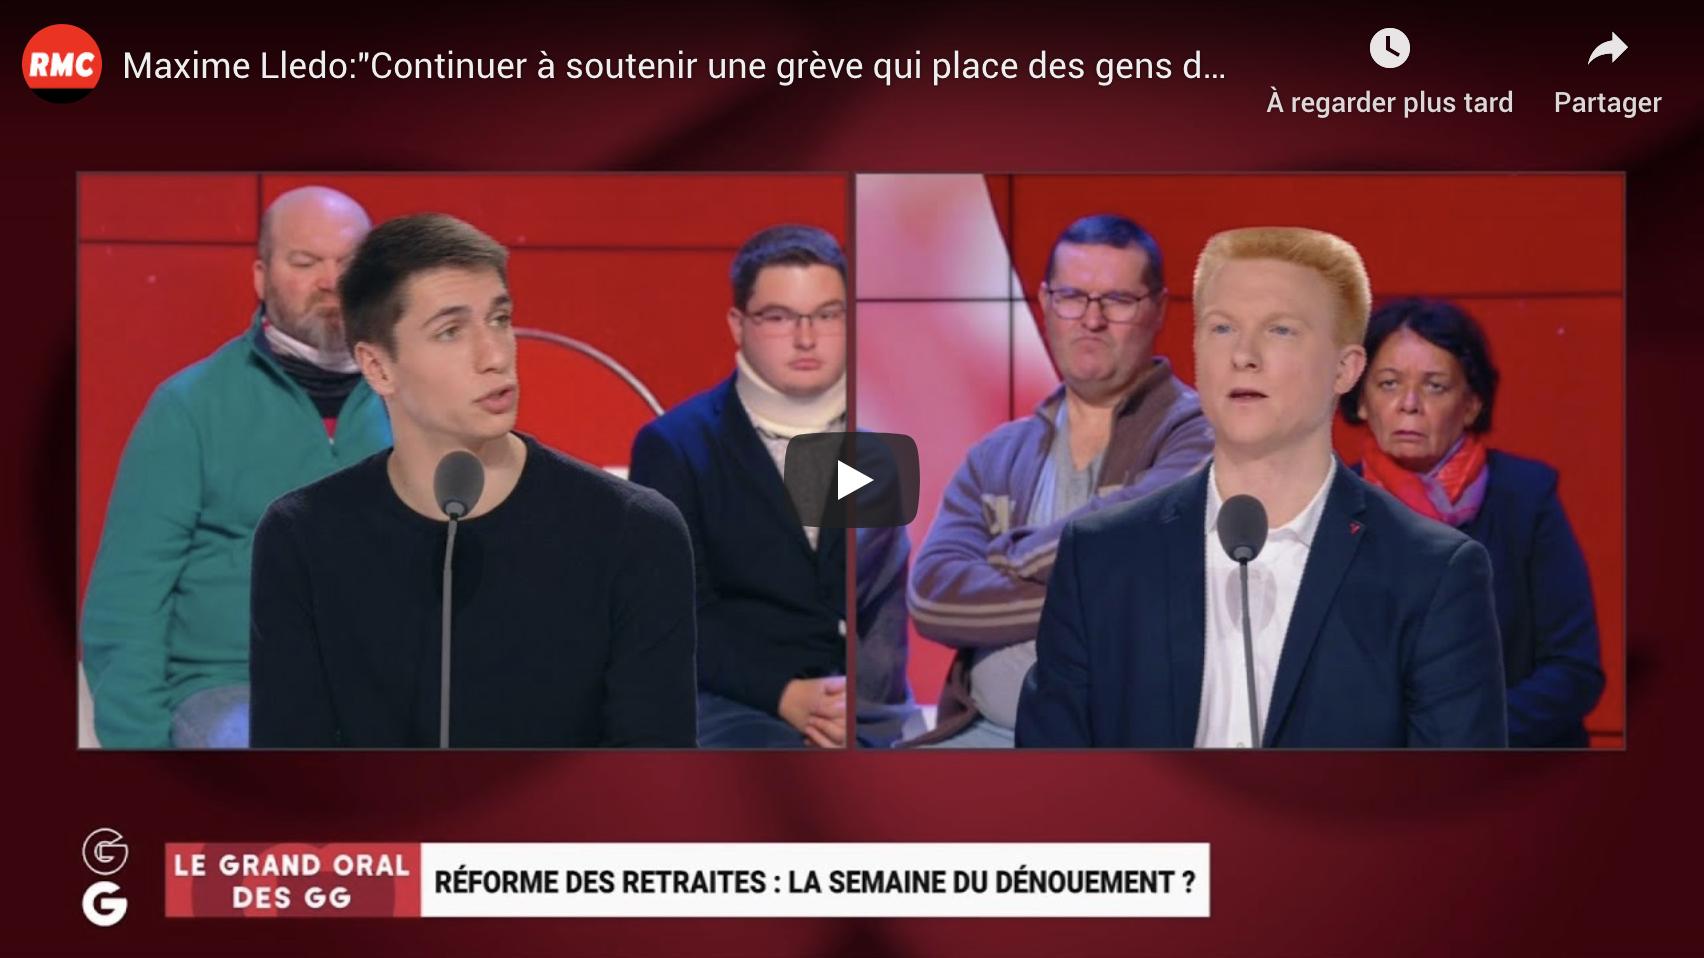 """Maxime Lledo : """"Continuer à soutenir une grève qui place des gens dans la précarité, ça m'interpelle !"""" (VIDÉO)"""